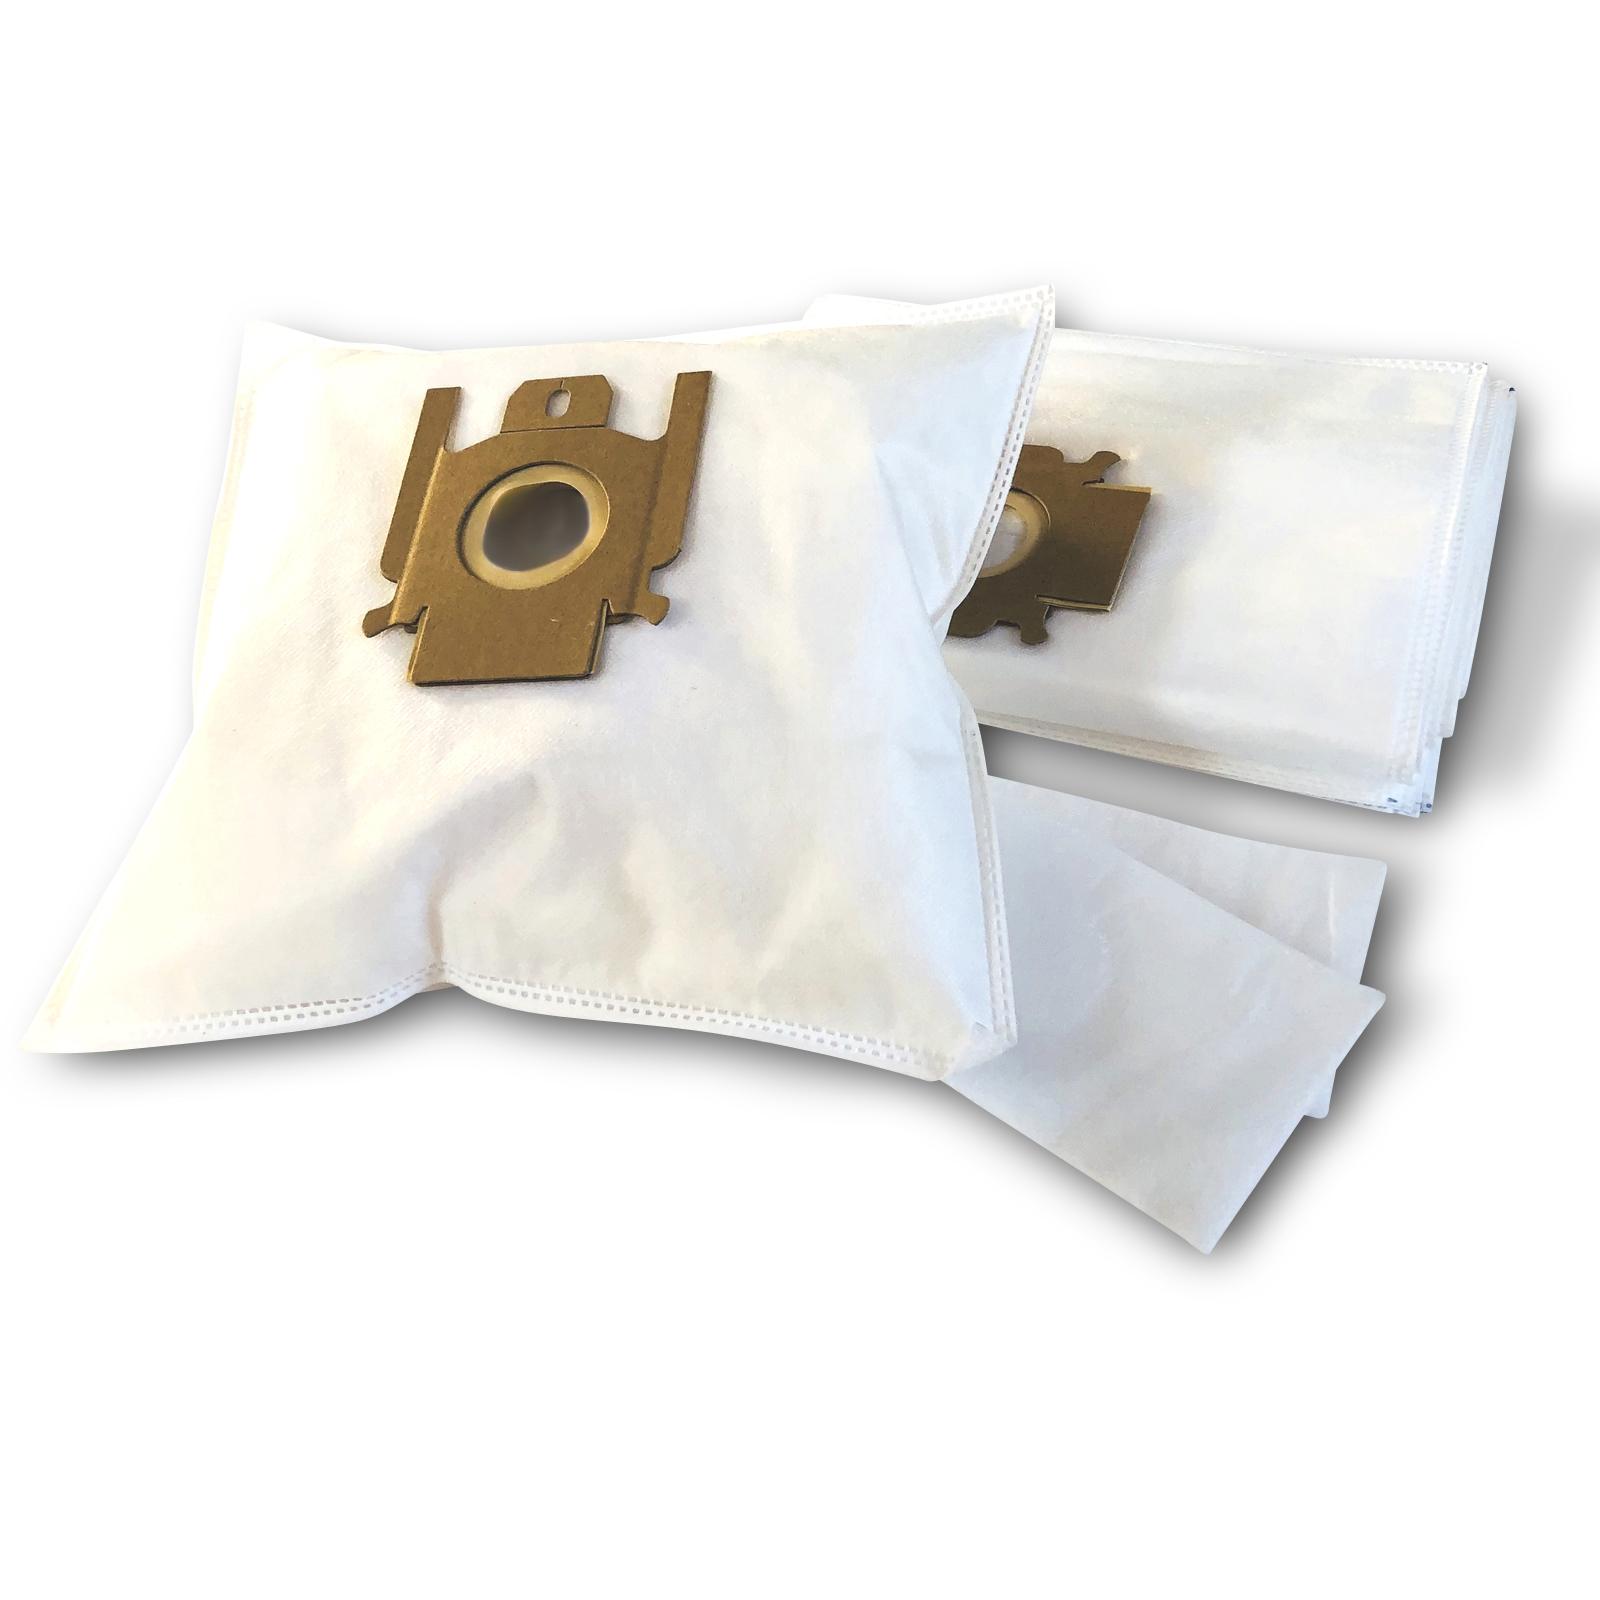 12 Staubsaugerbeutel Swirl geeignet für Miele S 4211